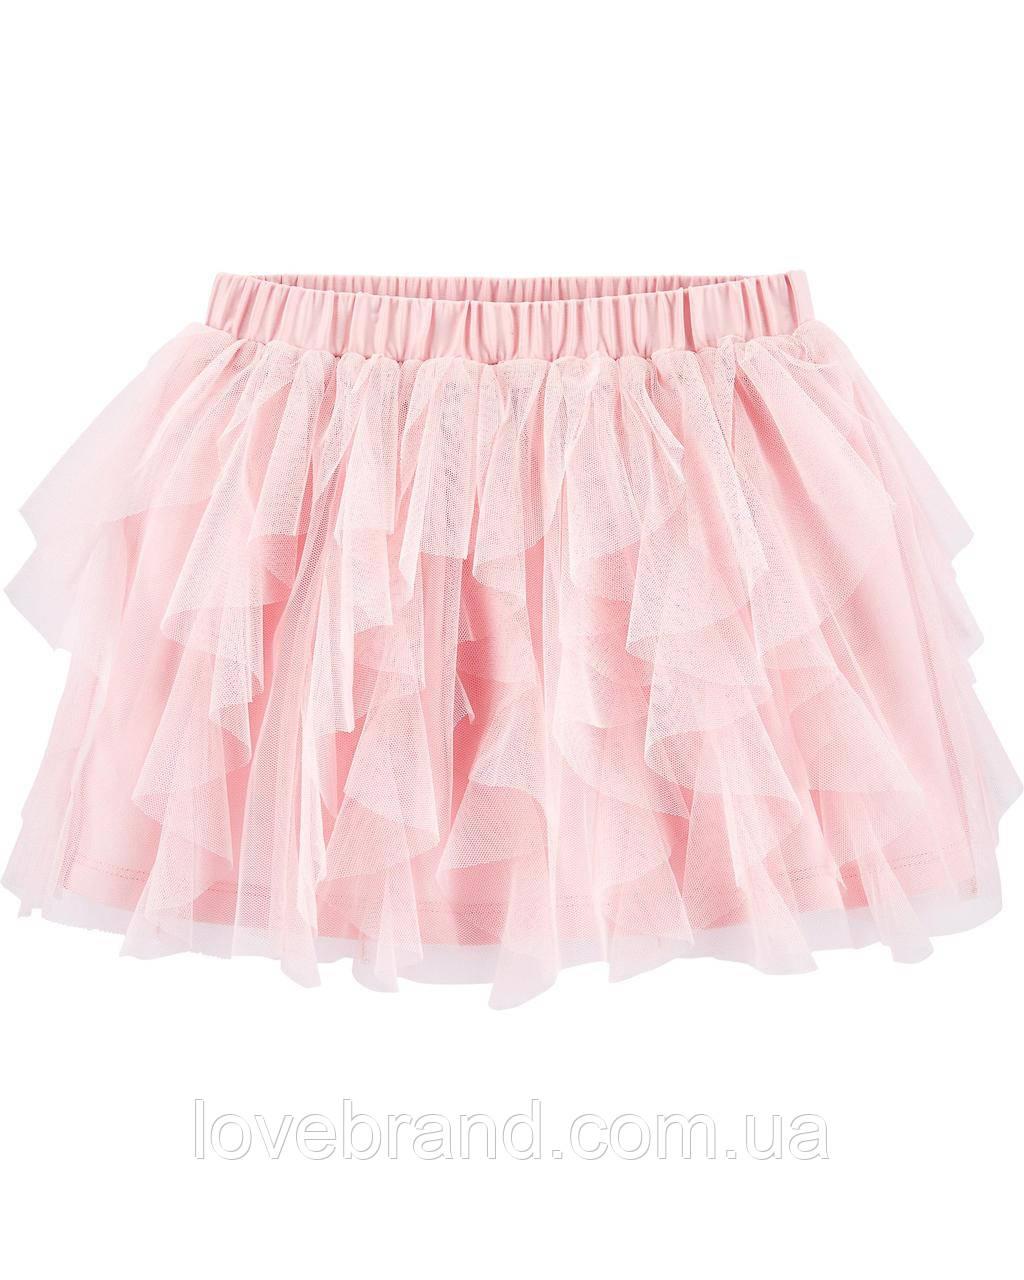 Пышная фатиновая юбка для девочки OshKosh, розовая юбка пачка 2Т/86-93 см